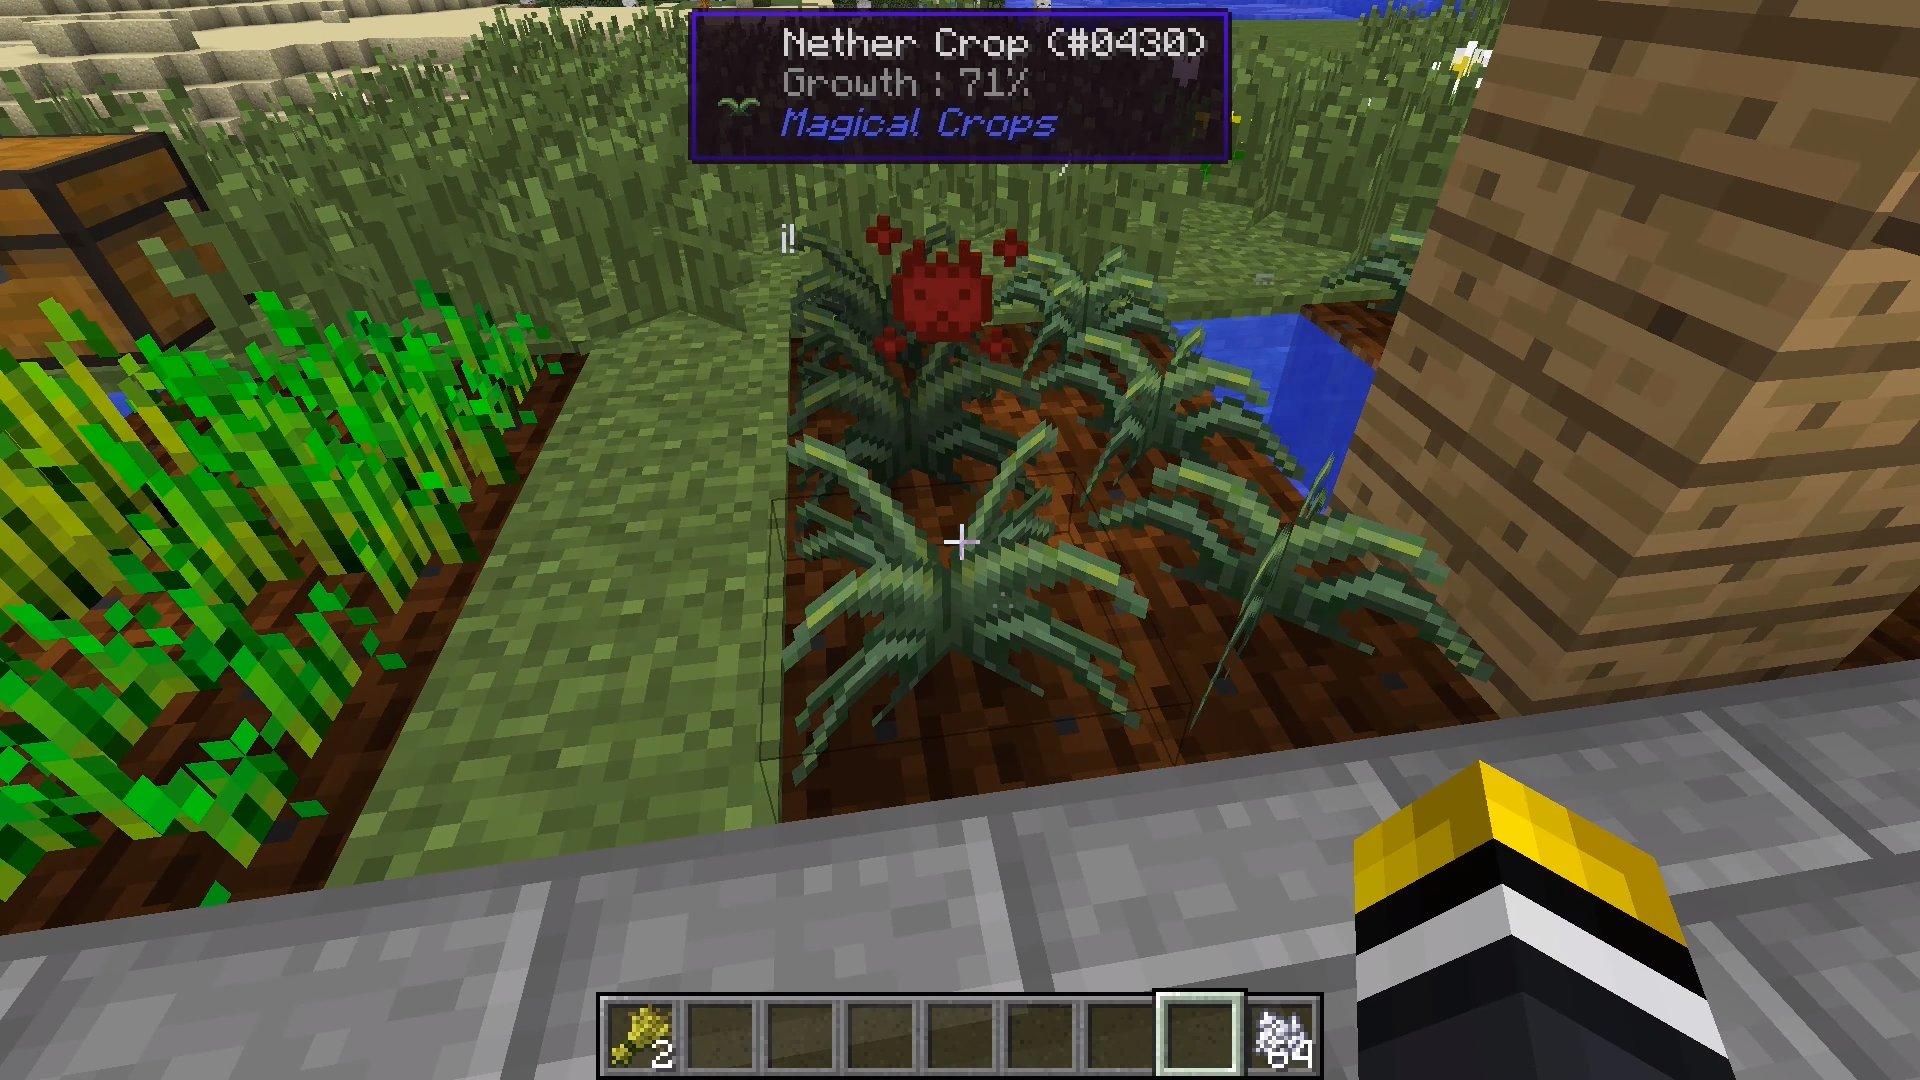 Nethercrop